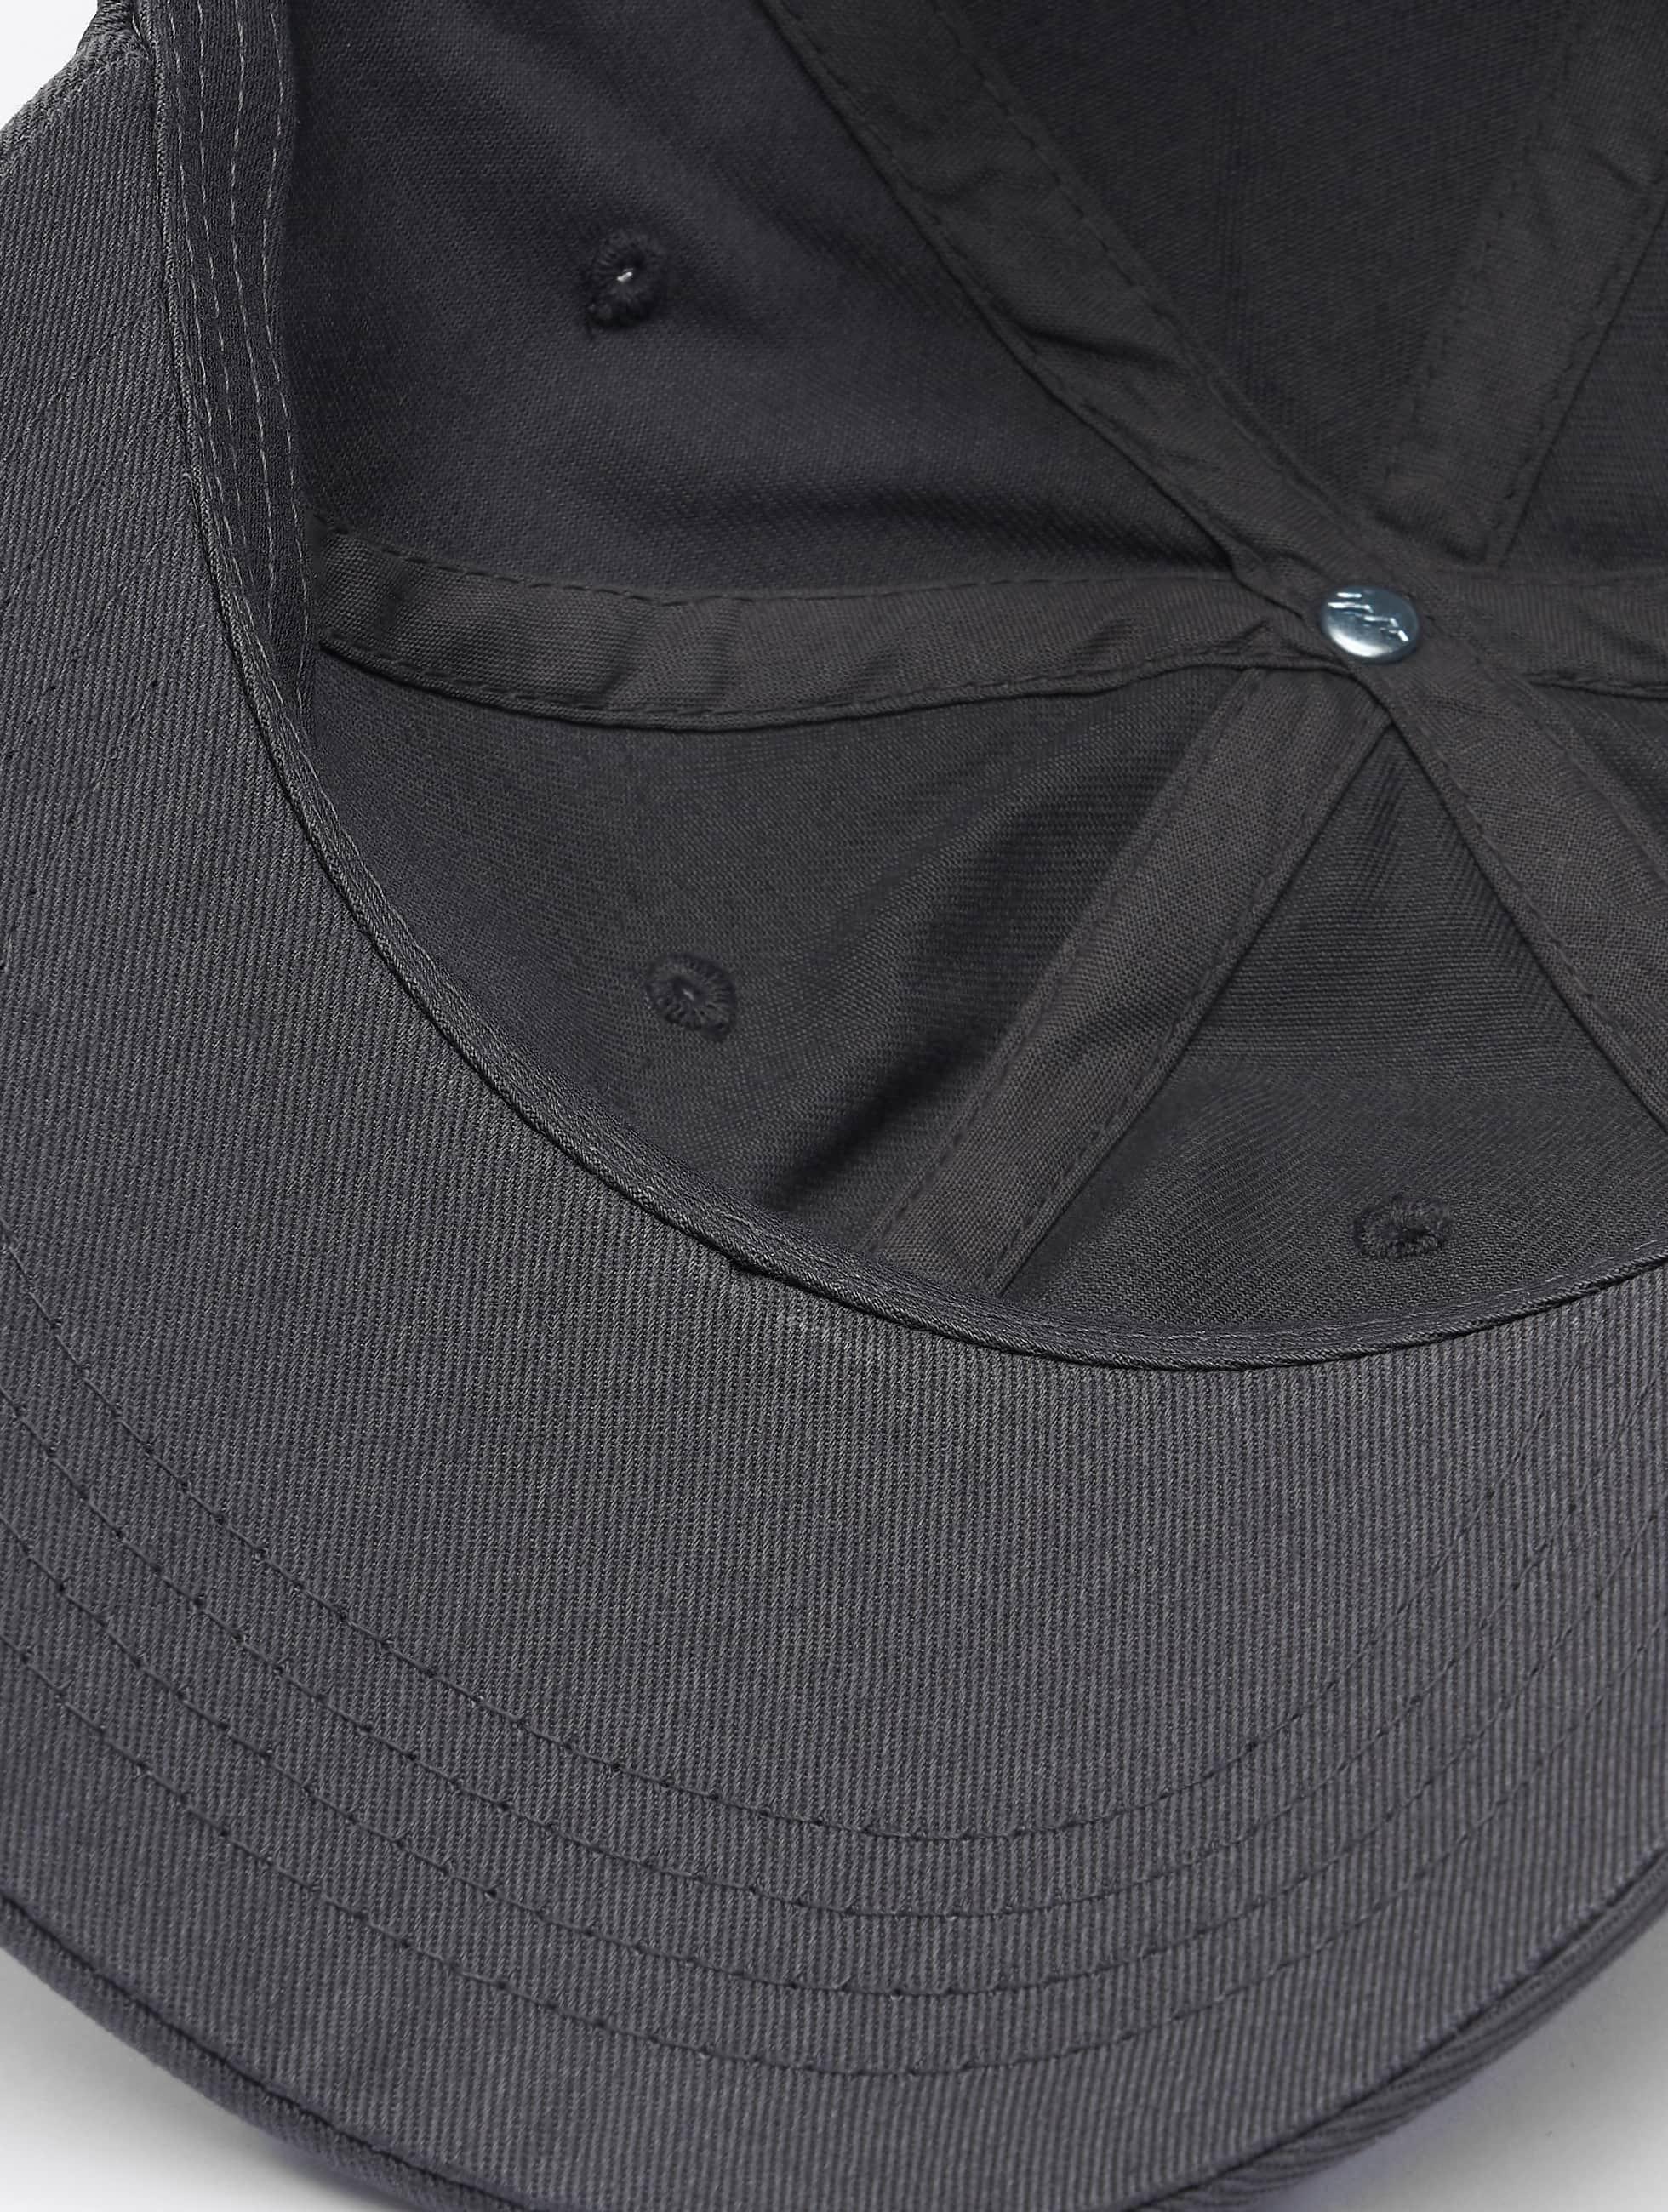 Flexfit snapback cap Low Profile Cotton Twil grijs